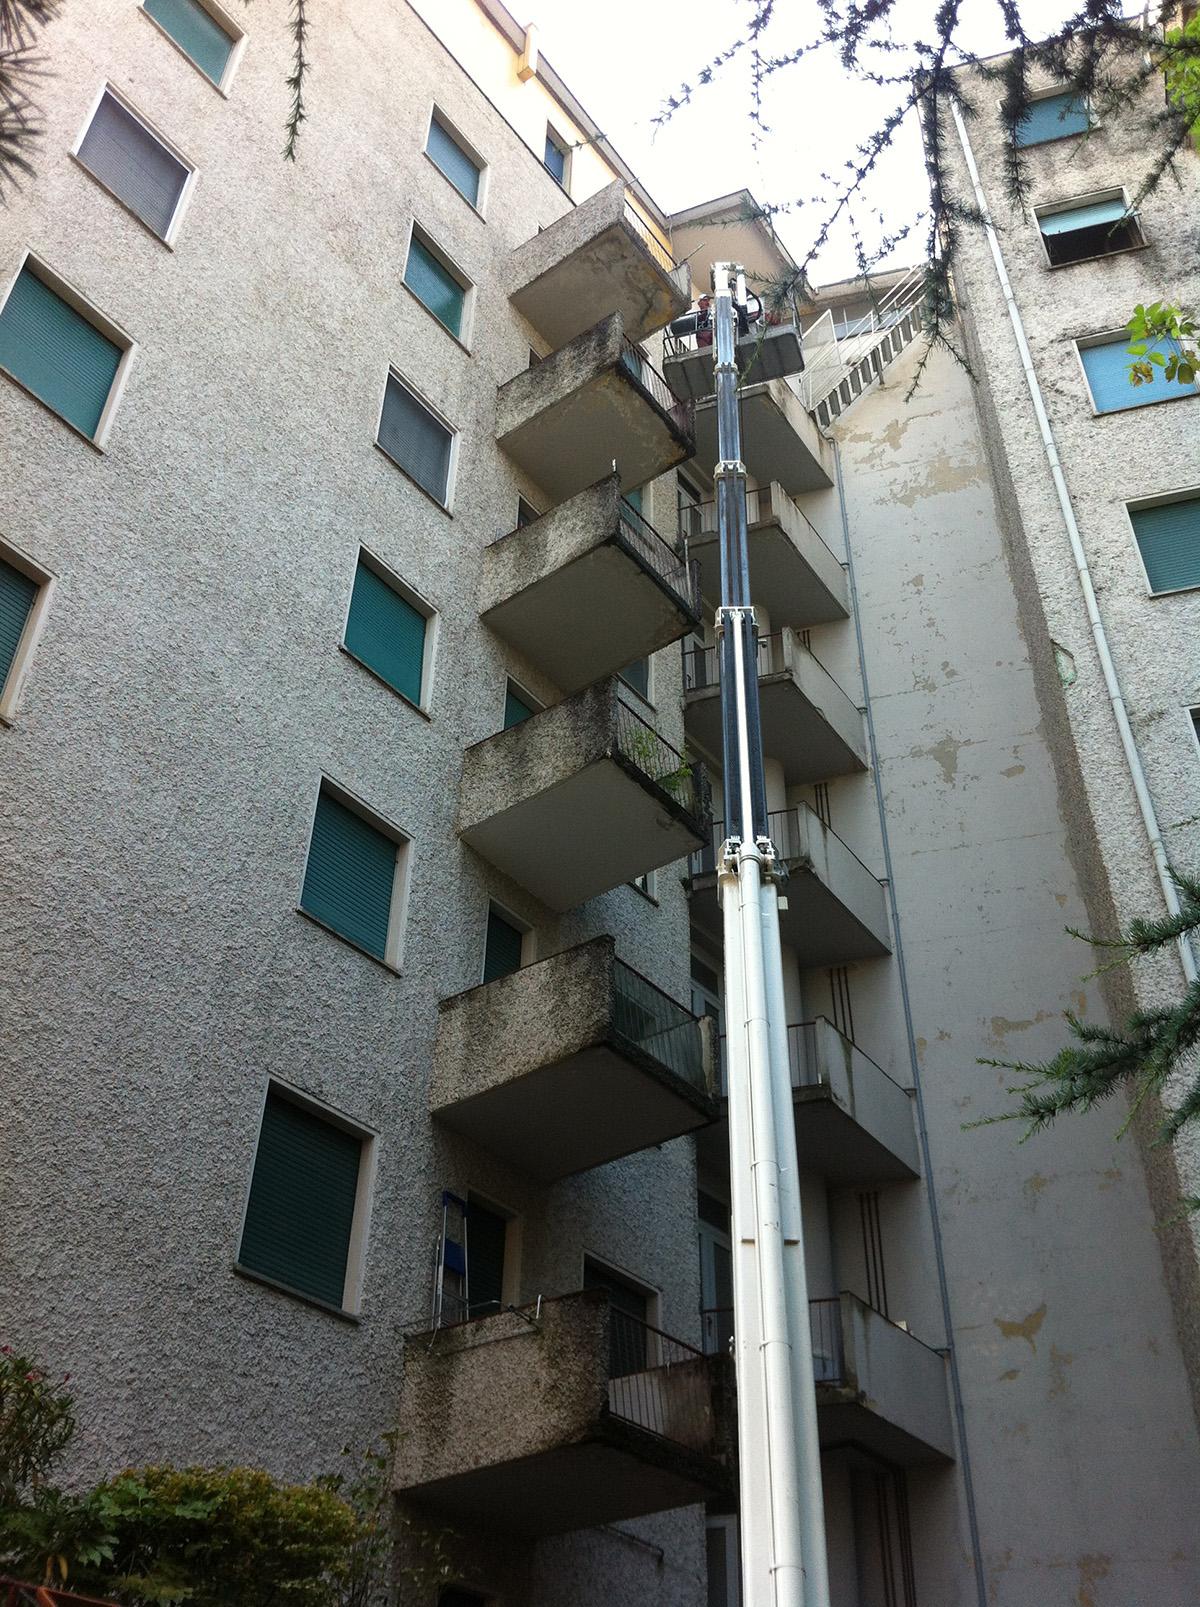 Perico-Renato-Bergamo - Condominio Edildalmine - Risanamento facciate 8